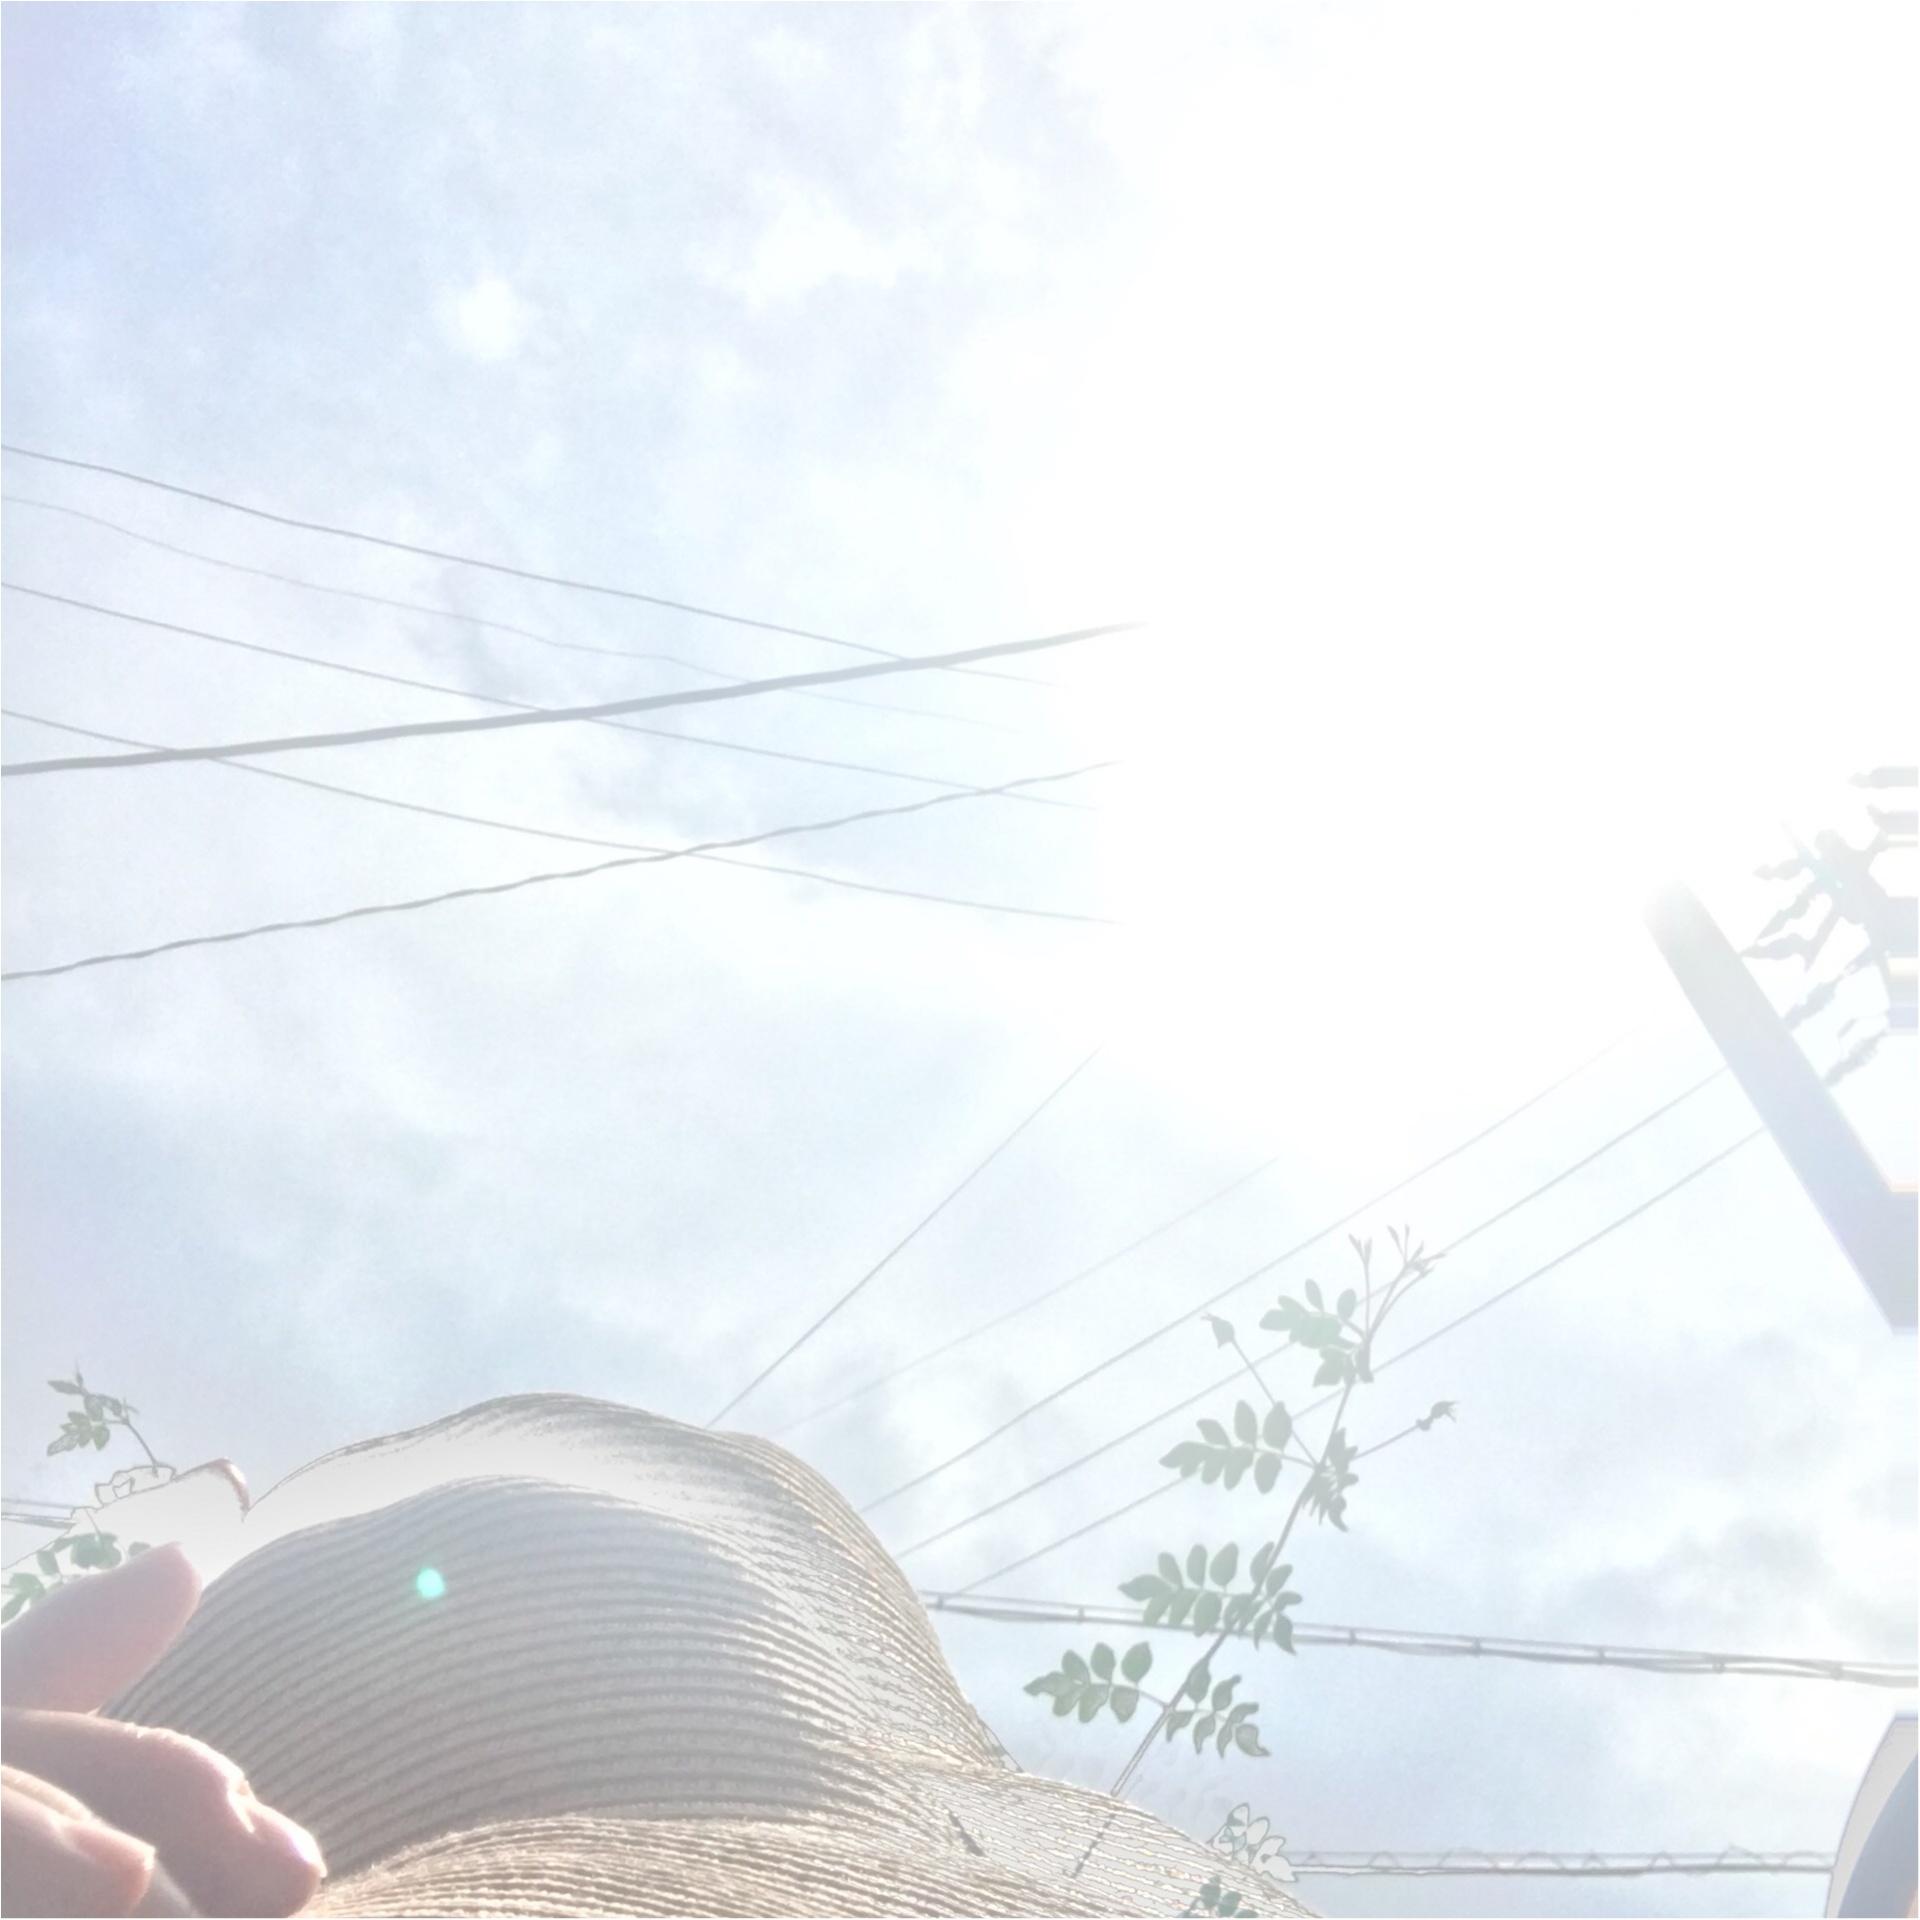 夏のマストアイテム♡ストローハットをゲットしなきゃ♡byみそ_1